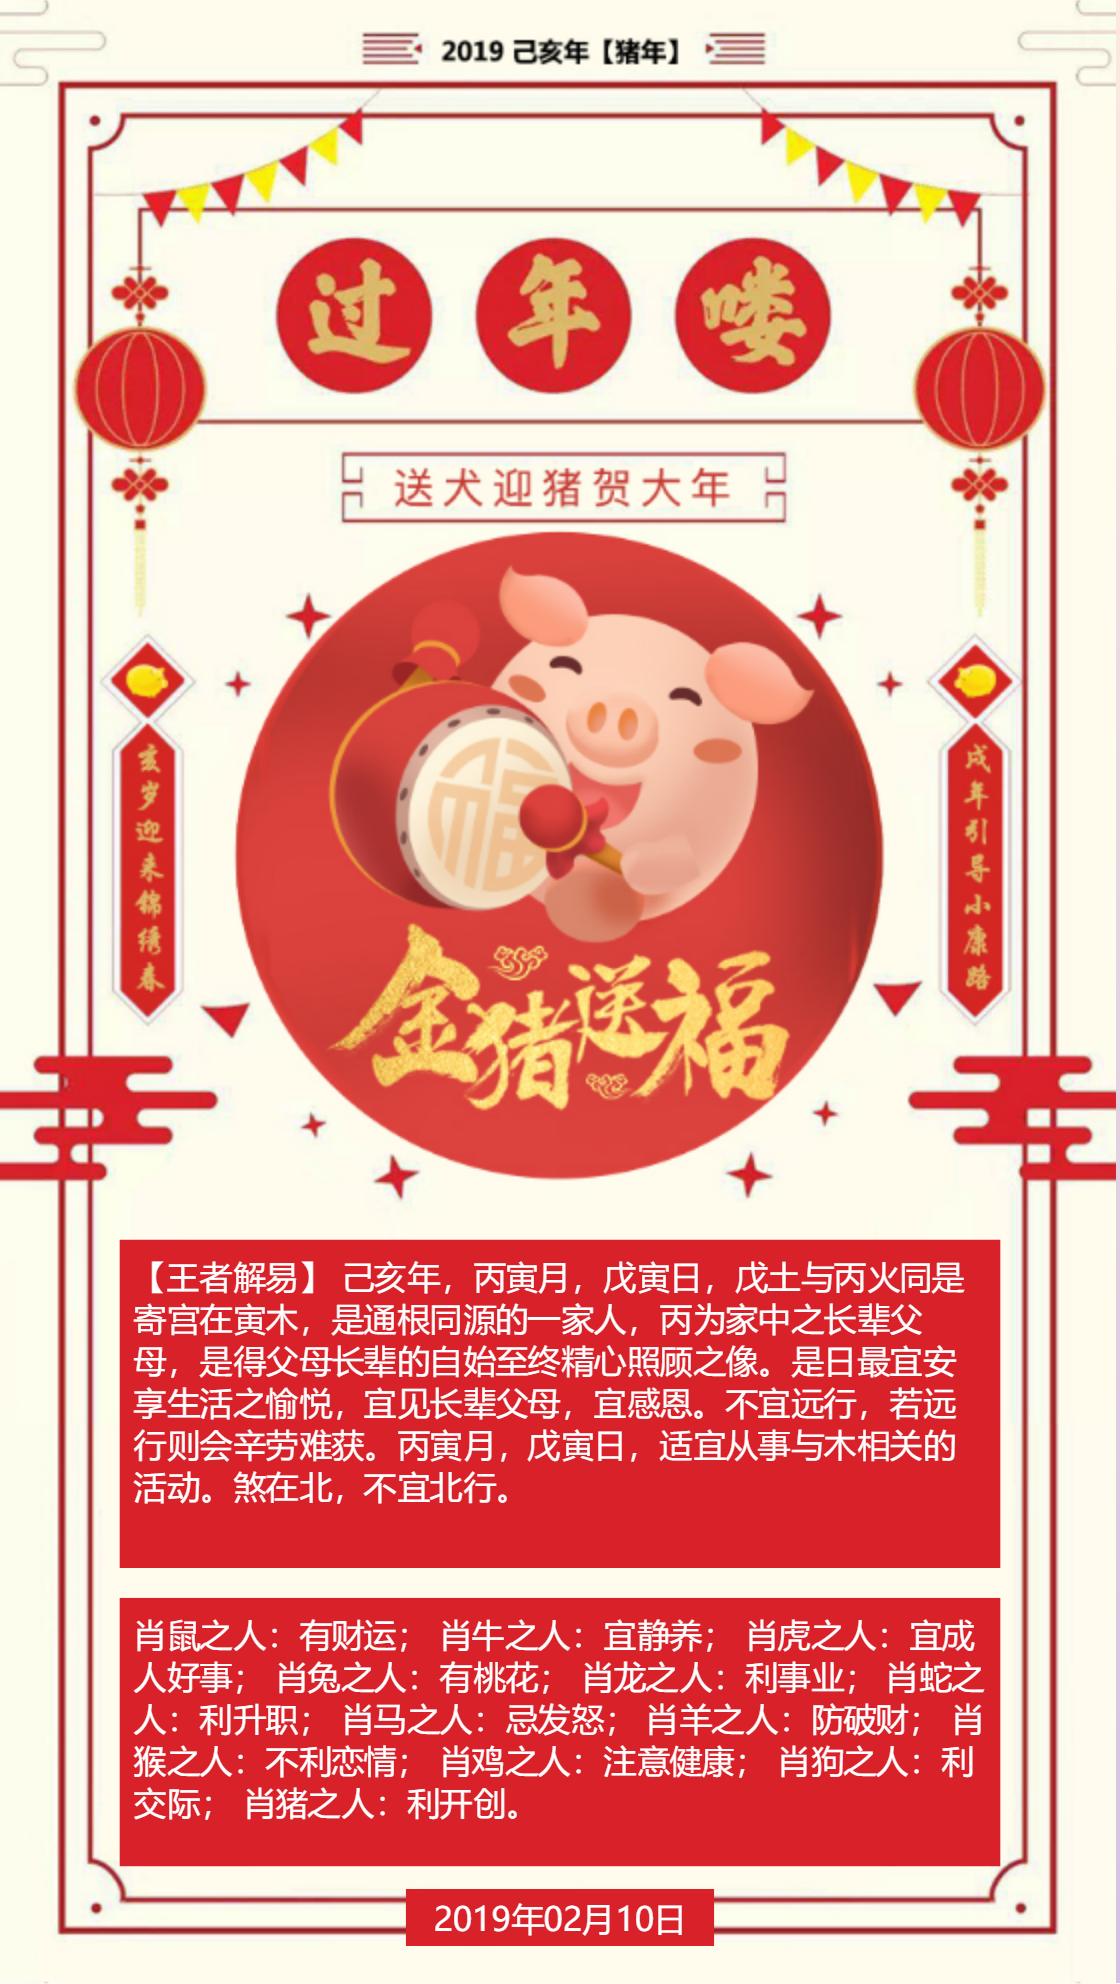 黄历海报20190210.png